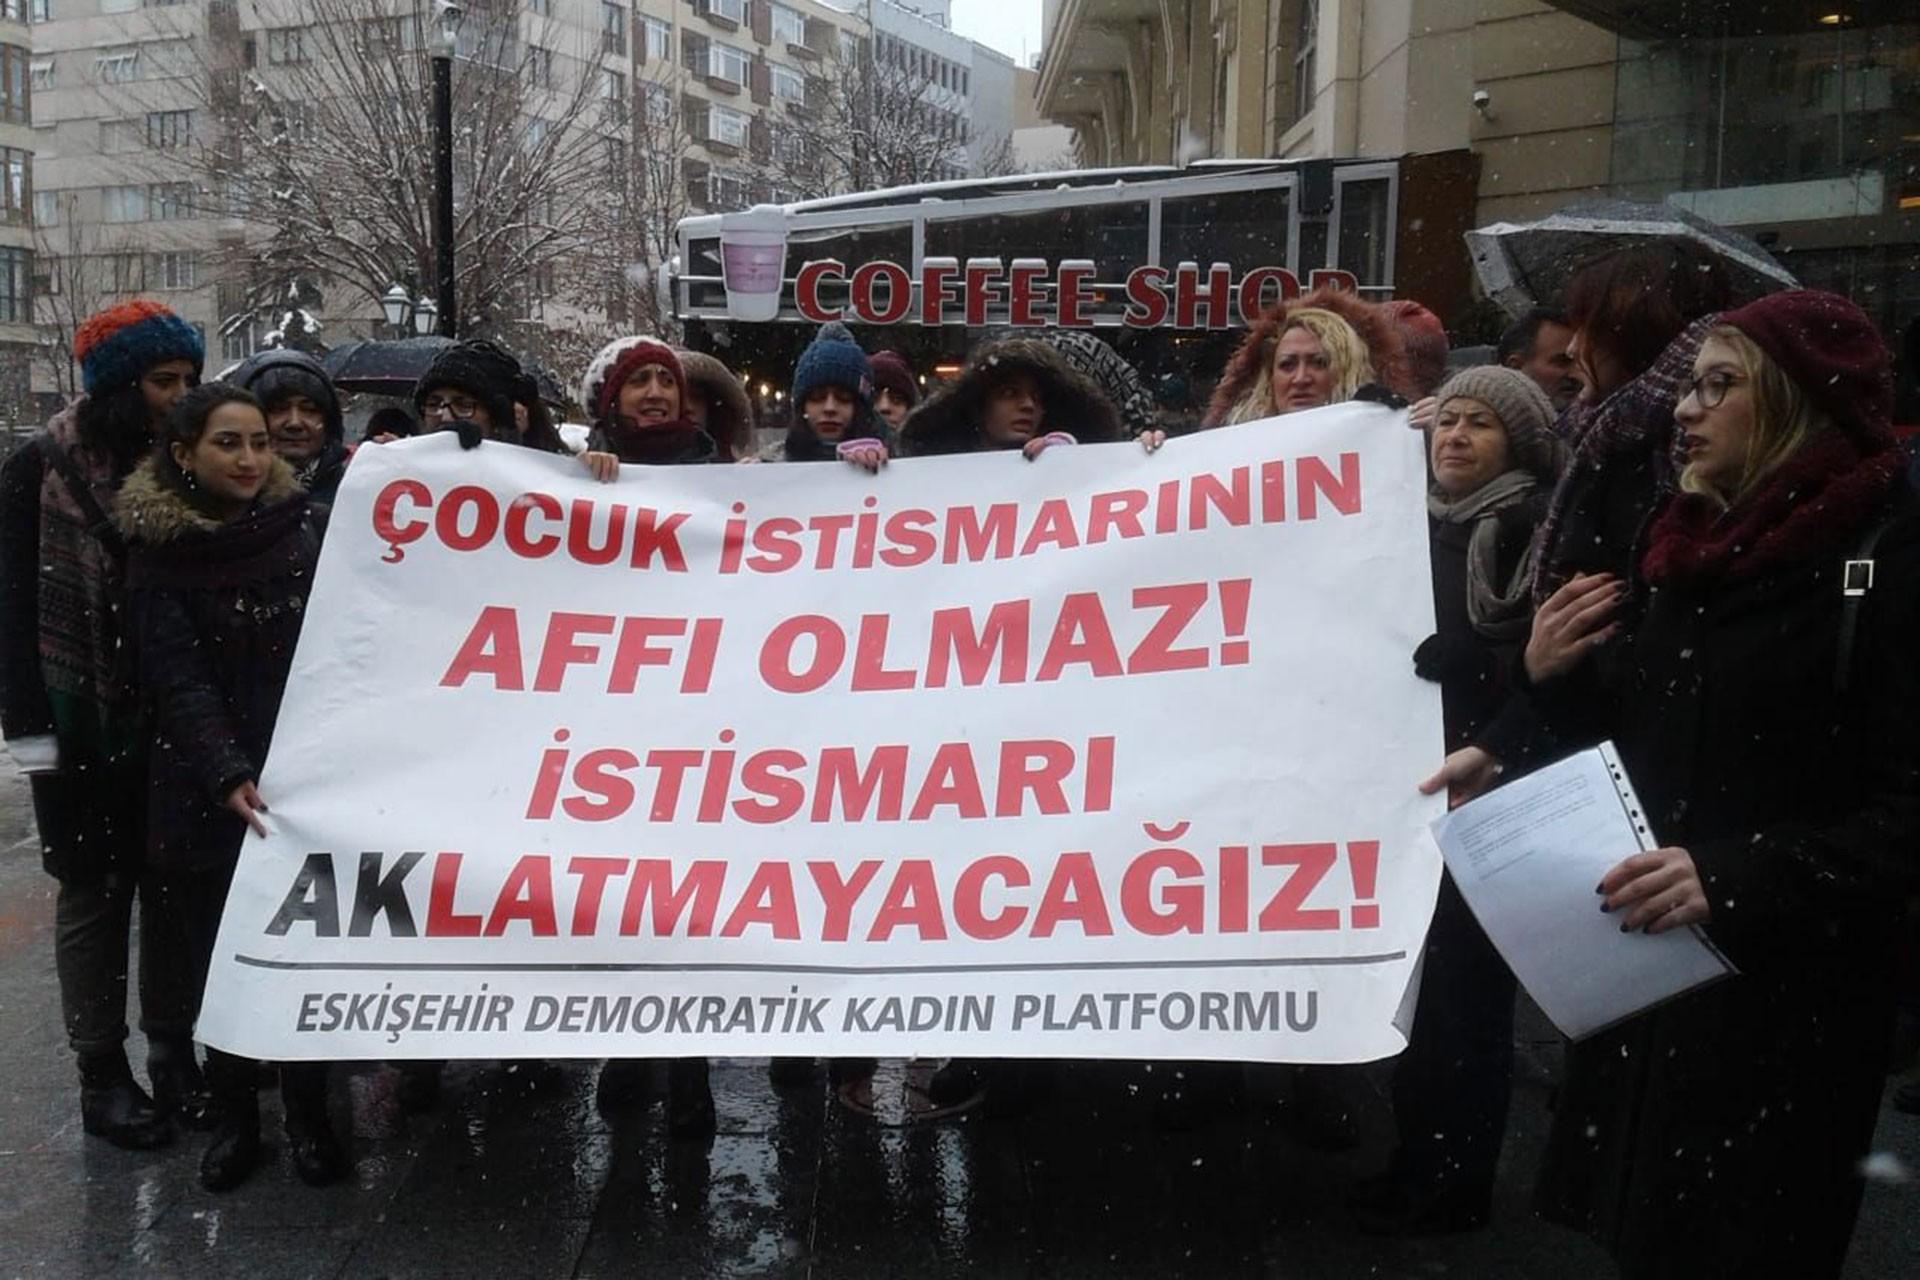 Eskişehir Demokratik Kadın Platformu